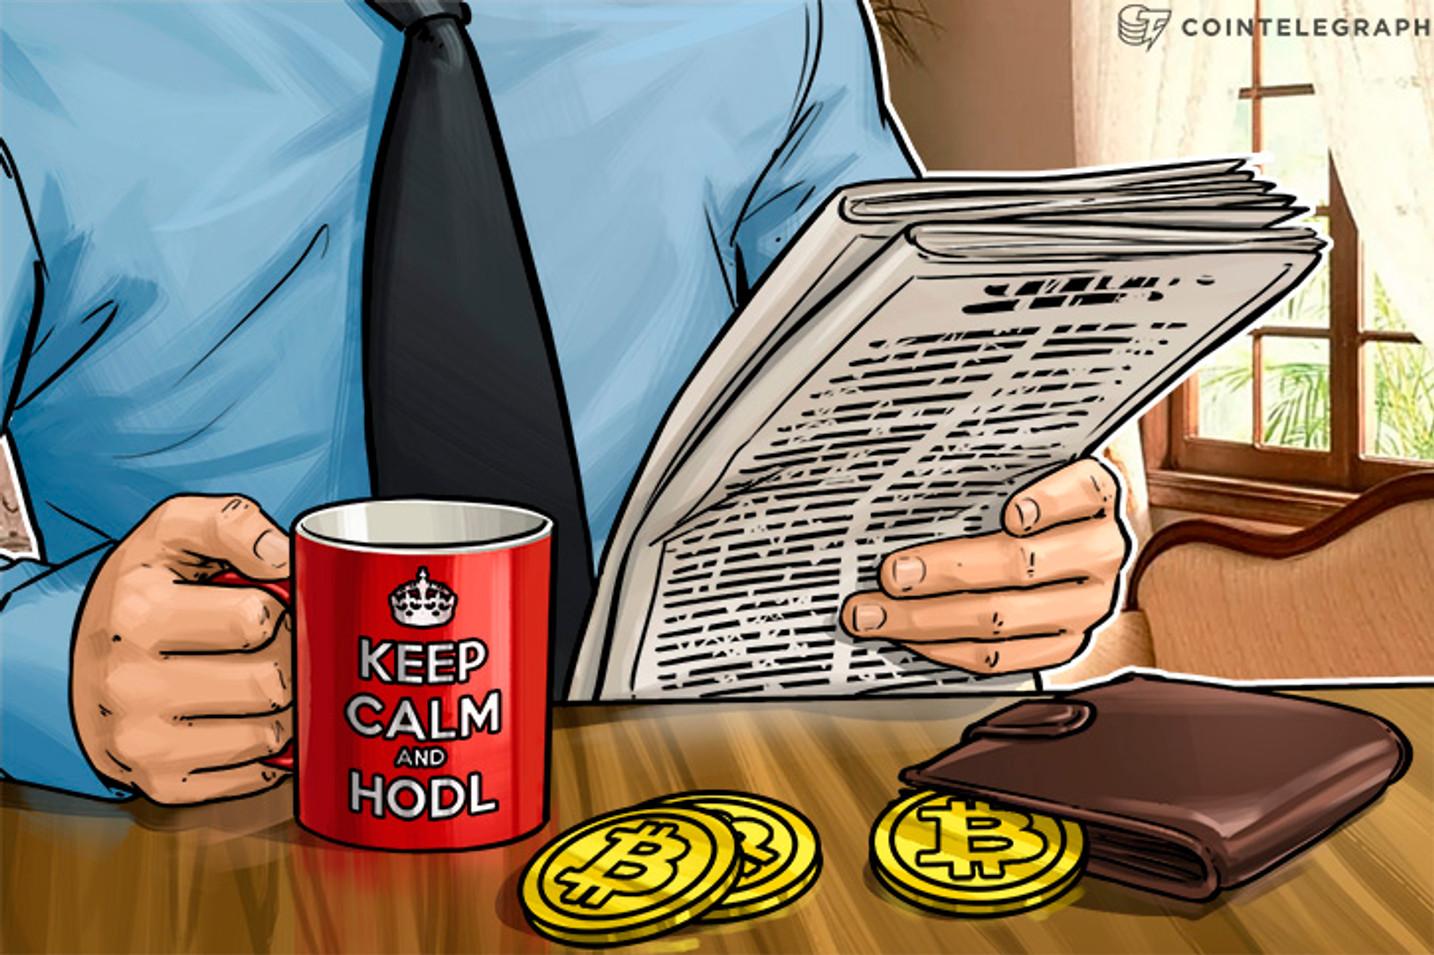 El volumen de transacciones de Bitcoin alcanza su nivel más bajo en dos años, a pesar de las bajas comisiones